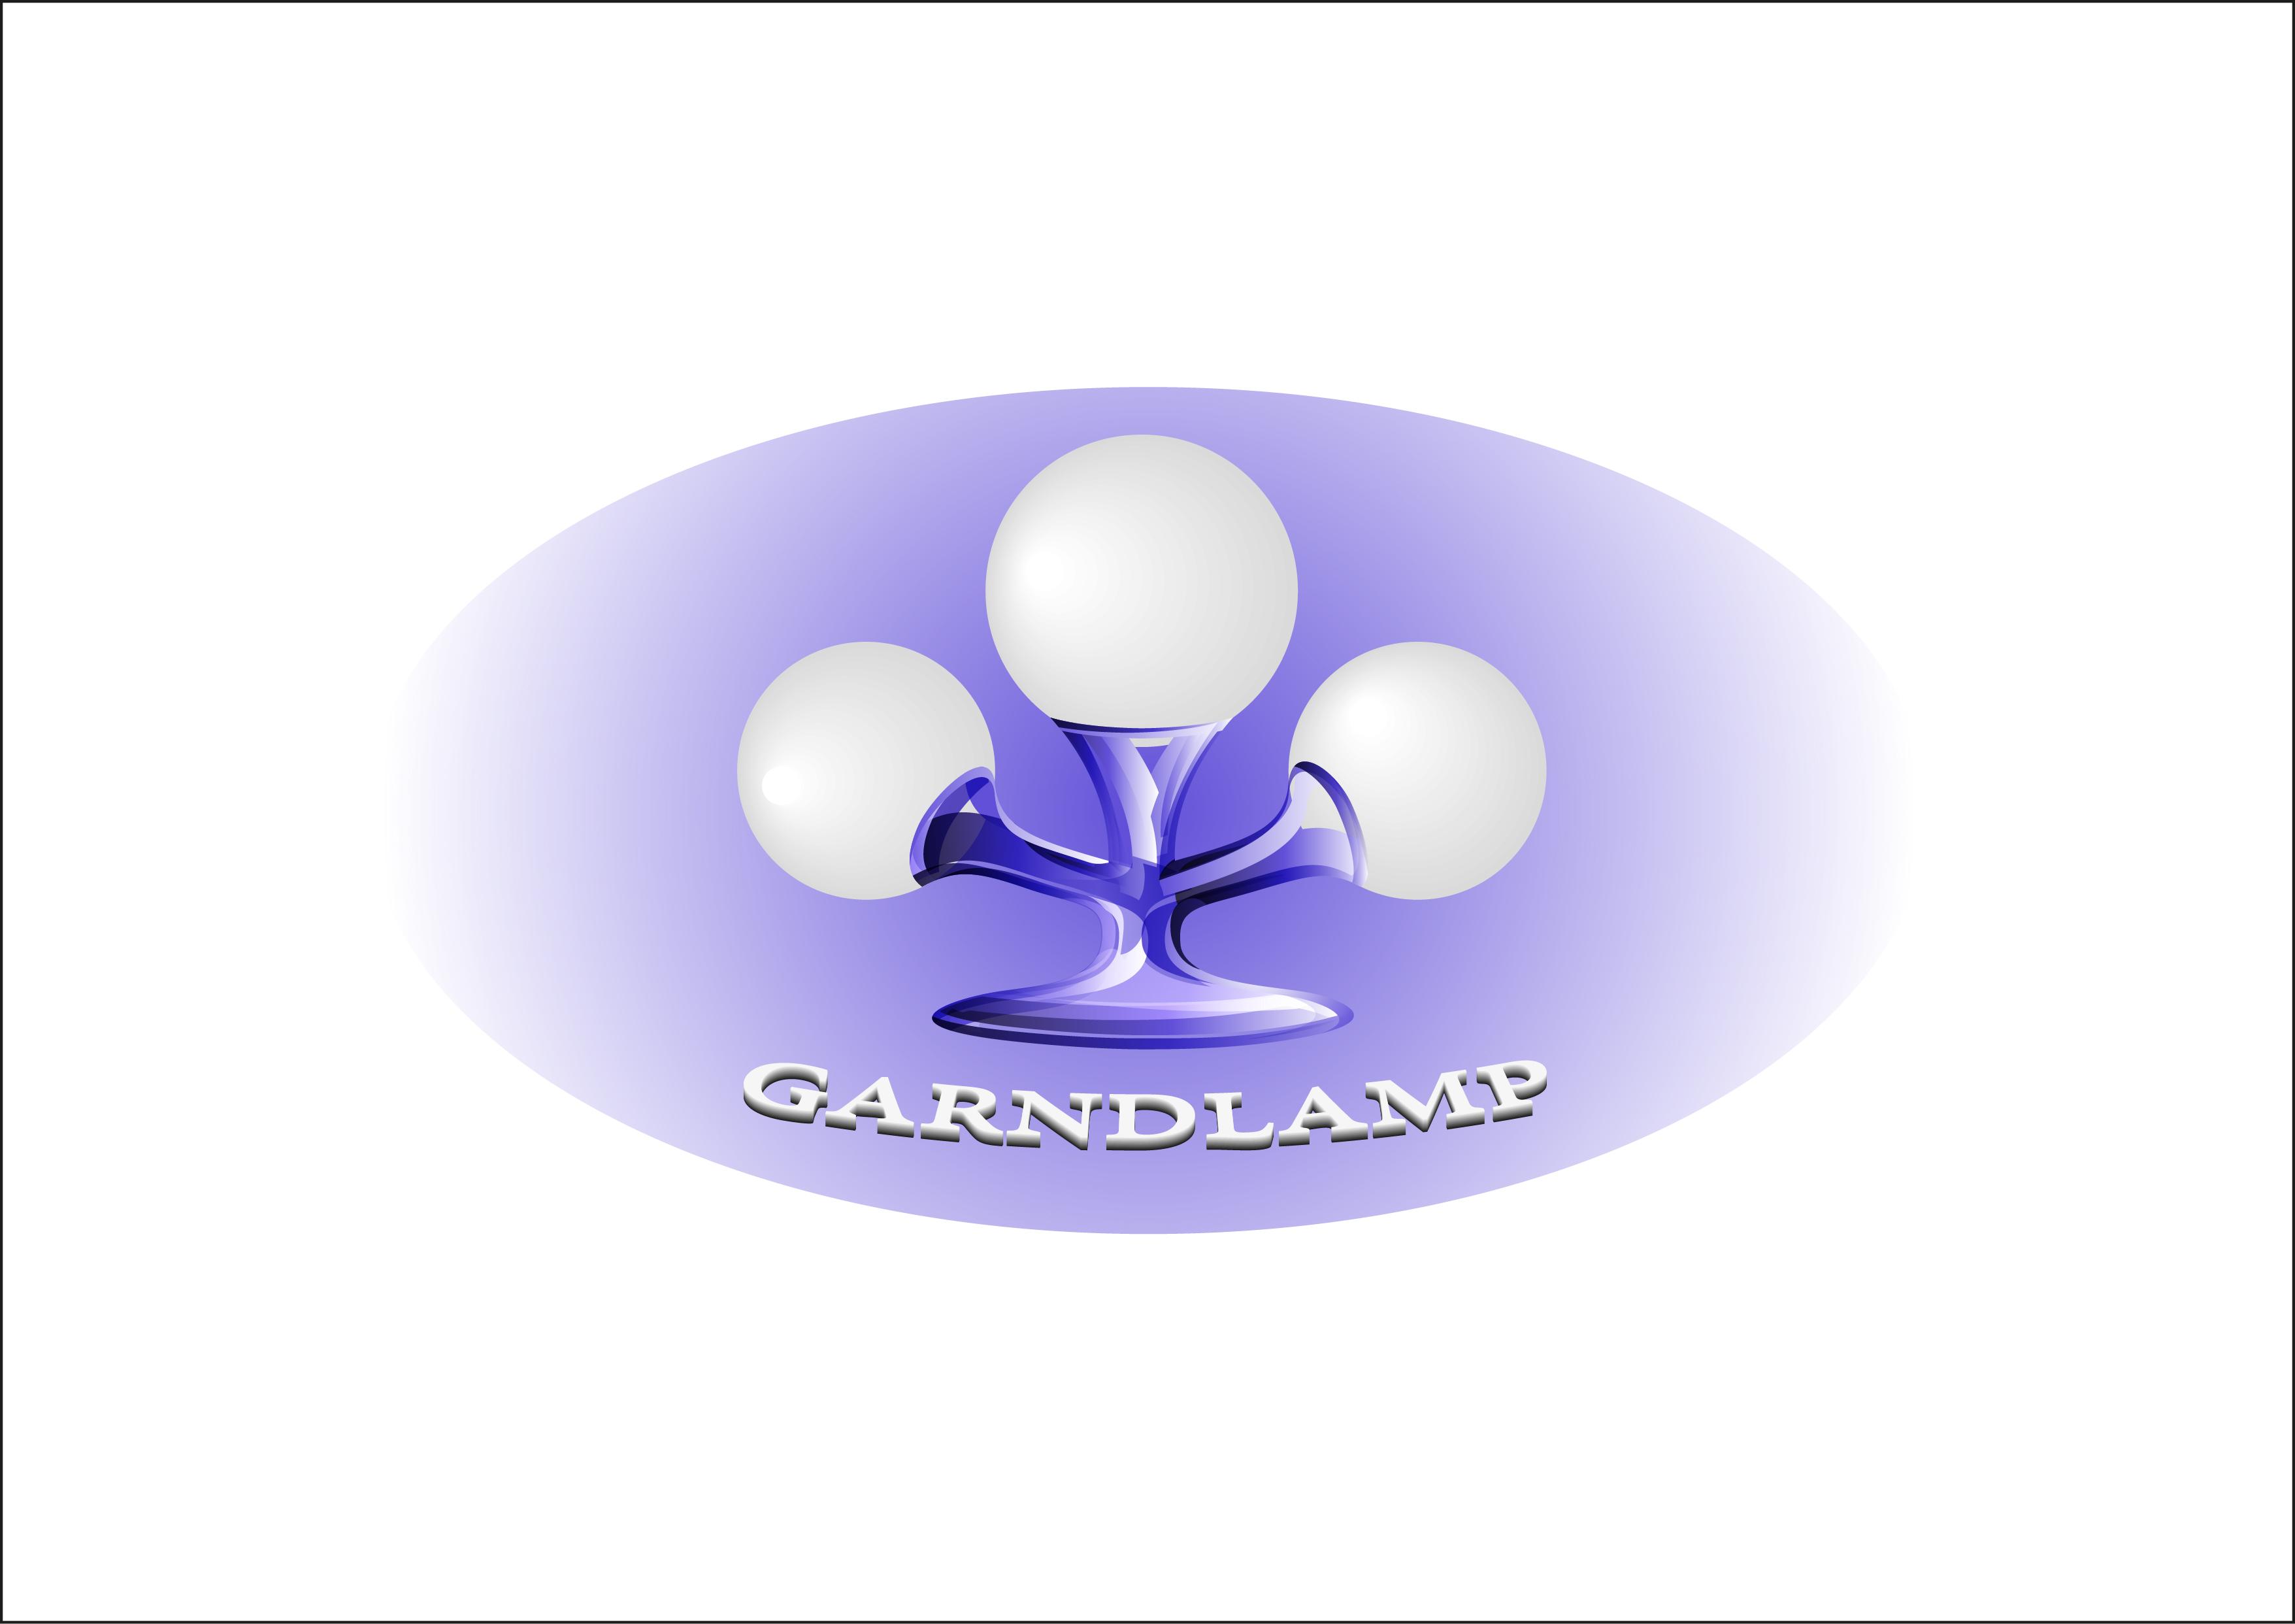 Разработка логотипа и элементов фирменного стиля фото f_4625811de572acae.jpg